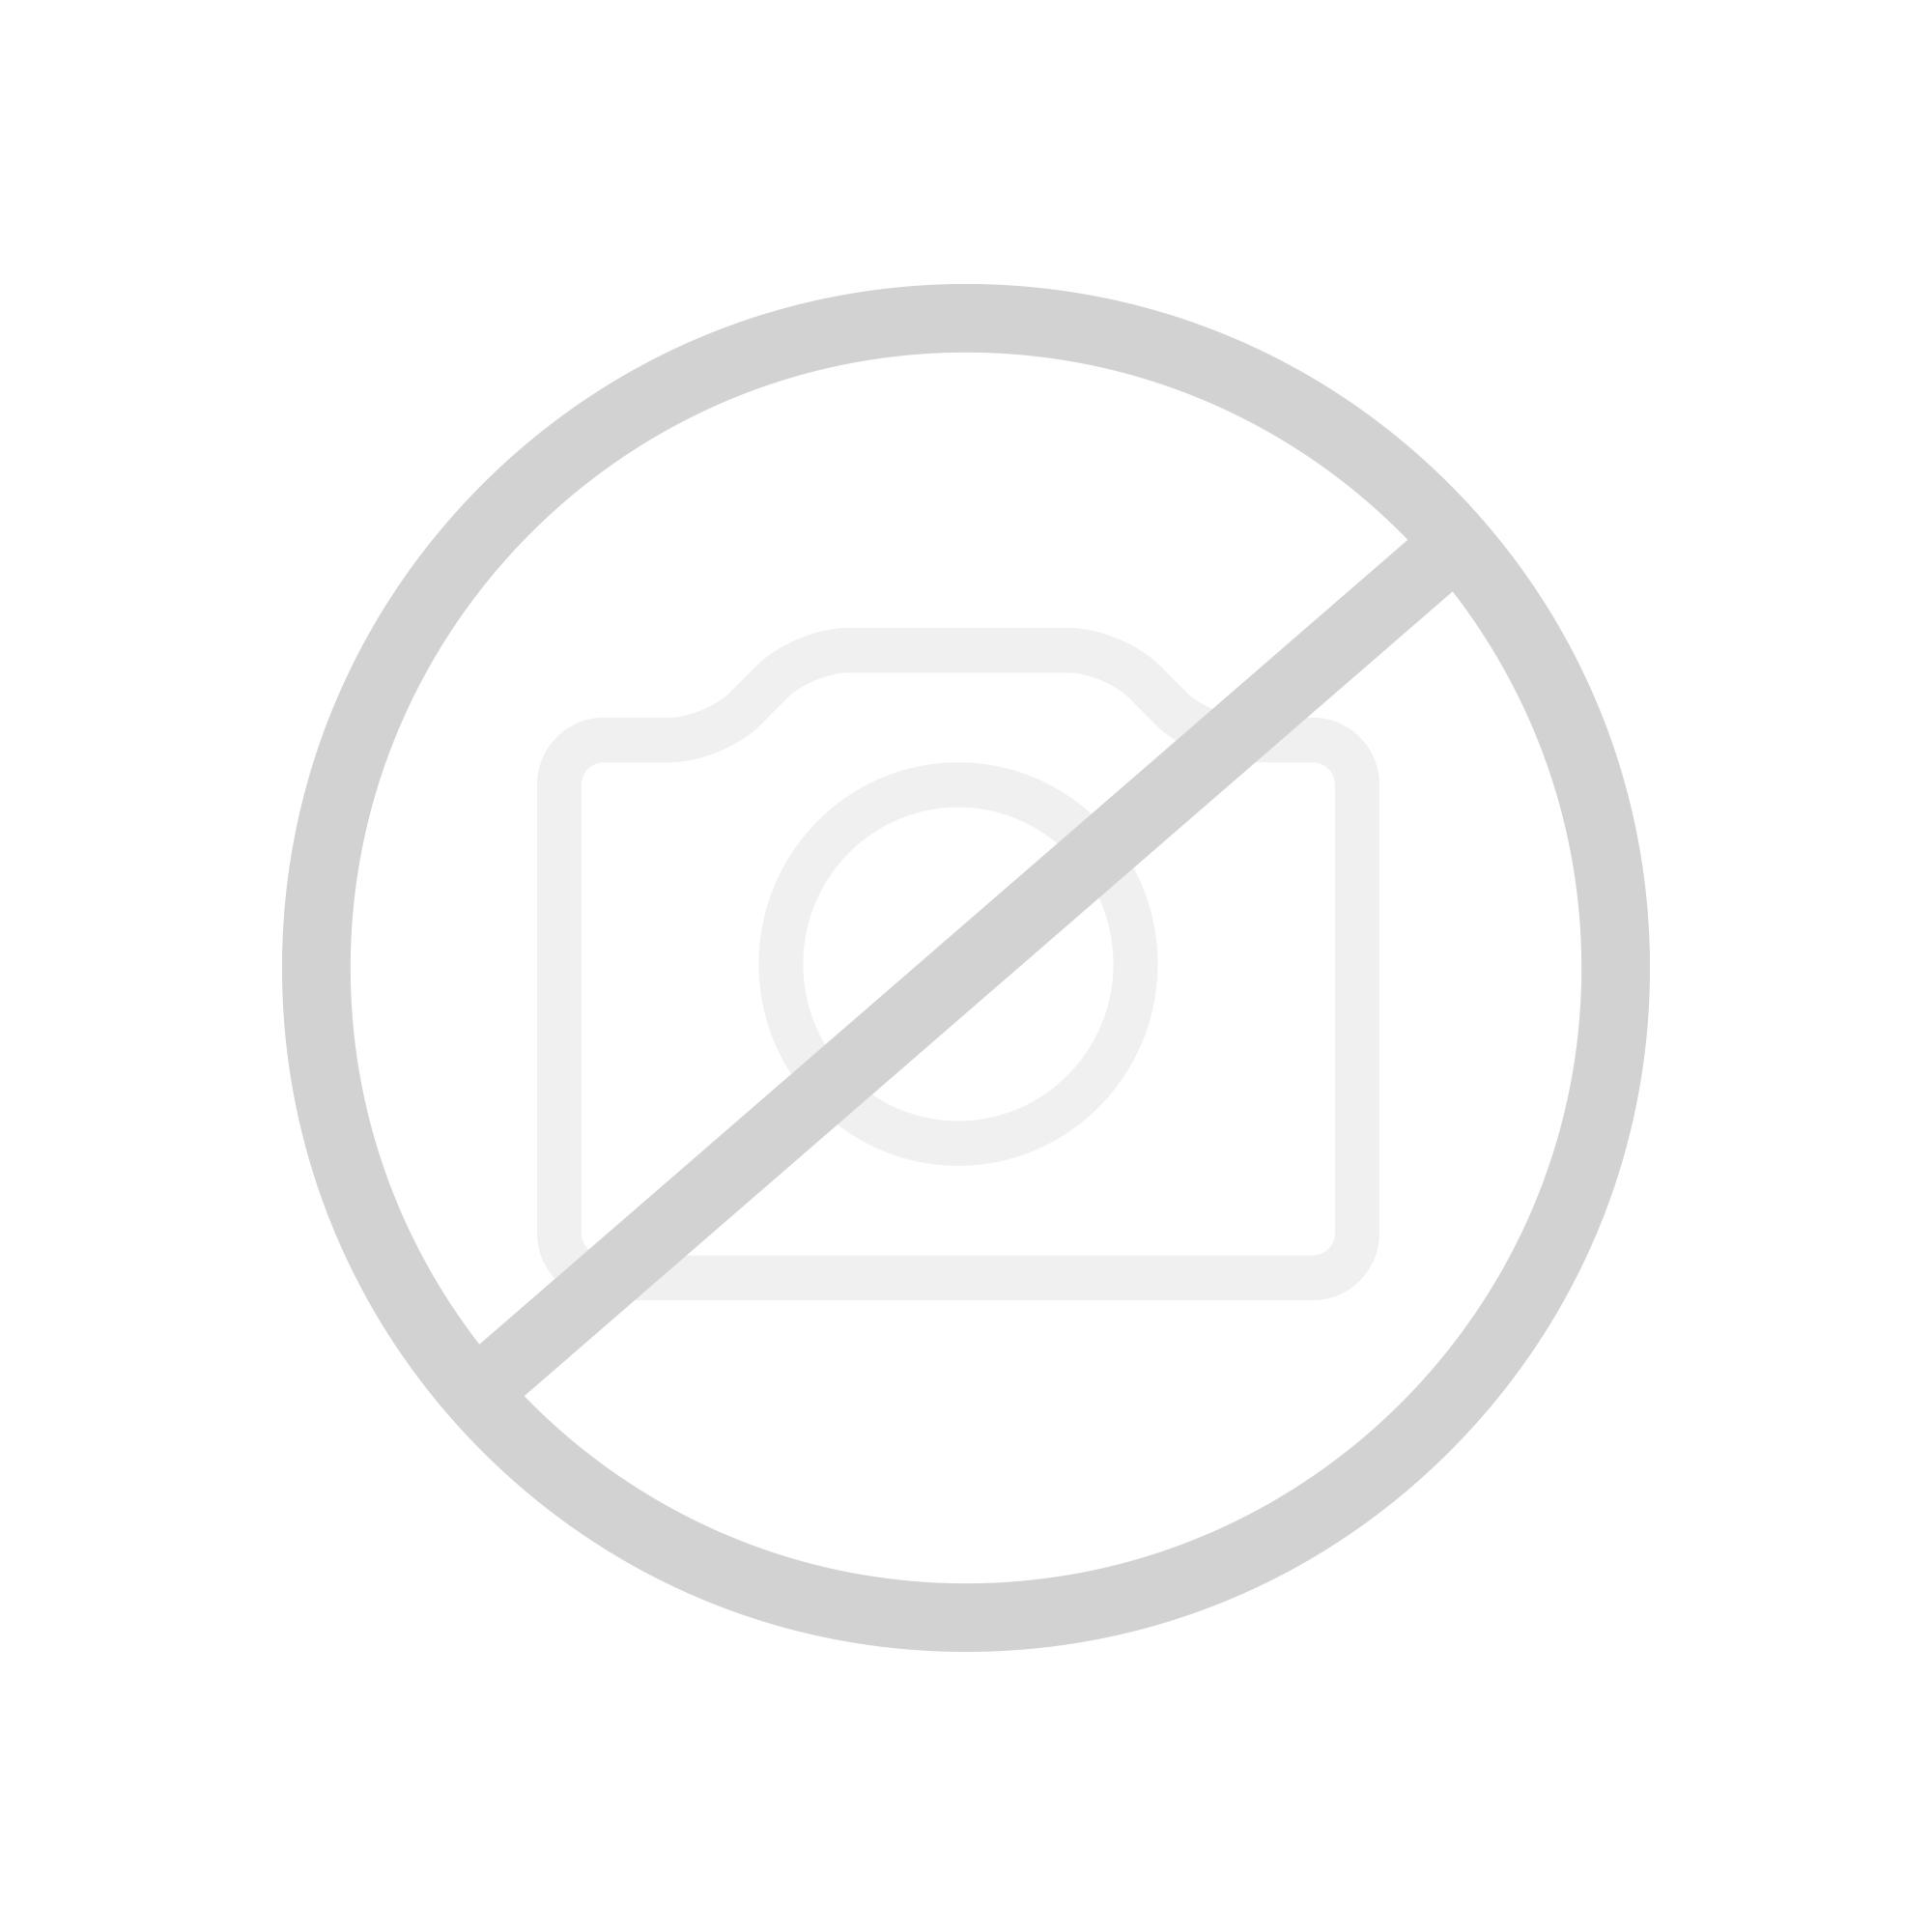 Grohe Europlus Einhand-Waschtischbatterie, DN15